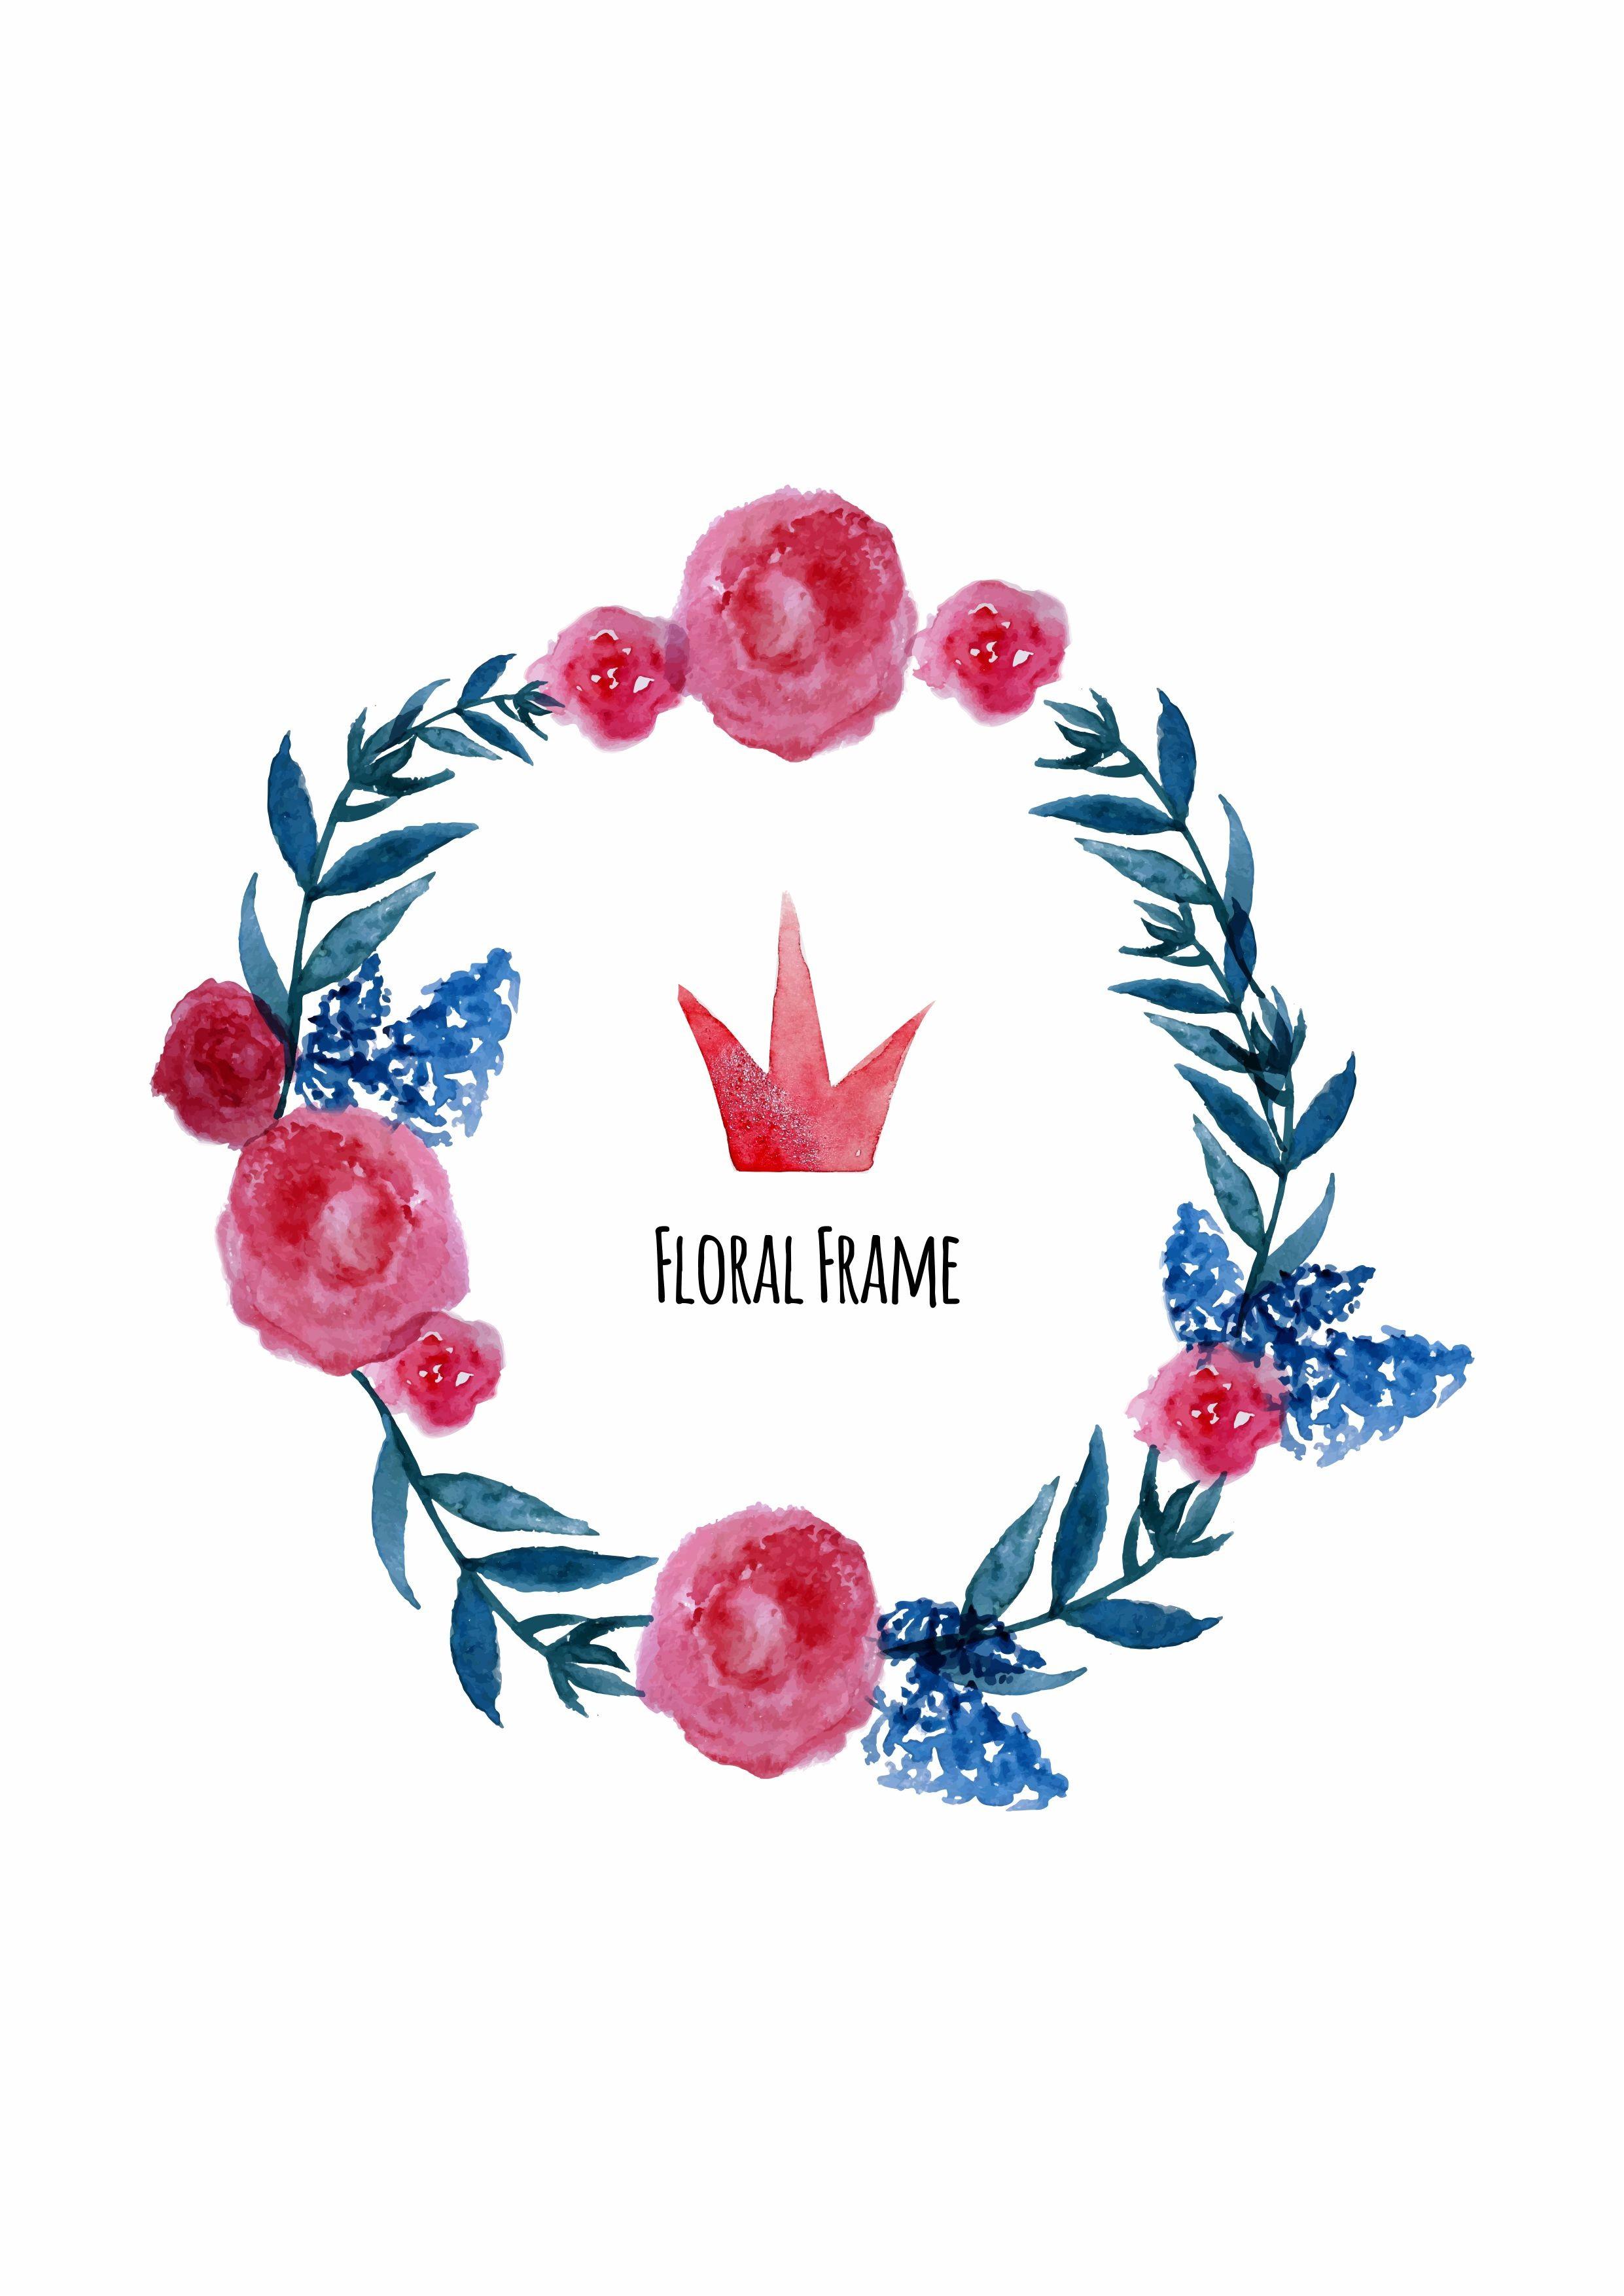 水彩植物花卉字母皇冠矢量图服装裁片T恤烫图印花素材-POP花型网